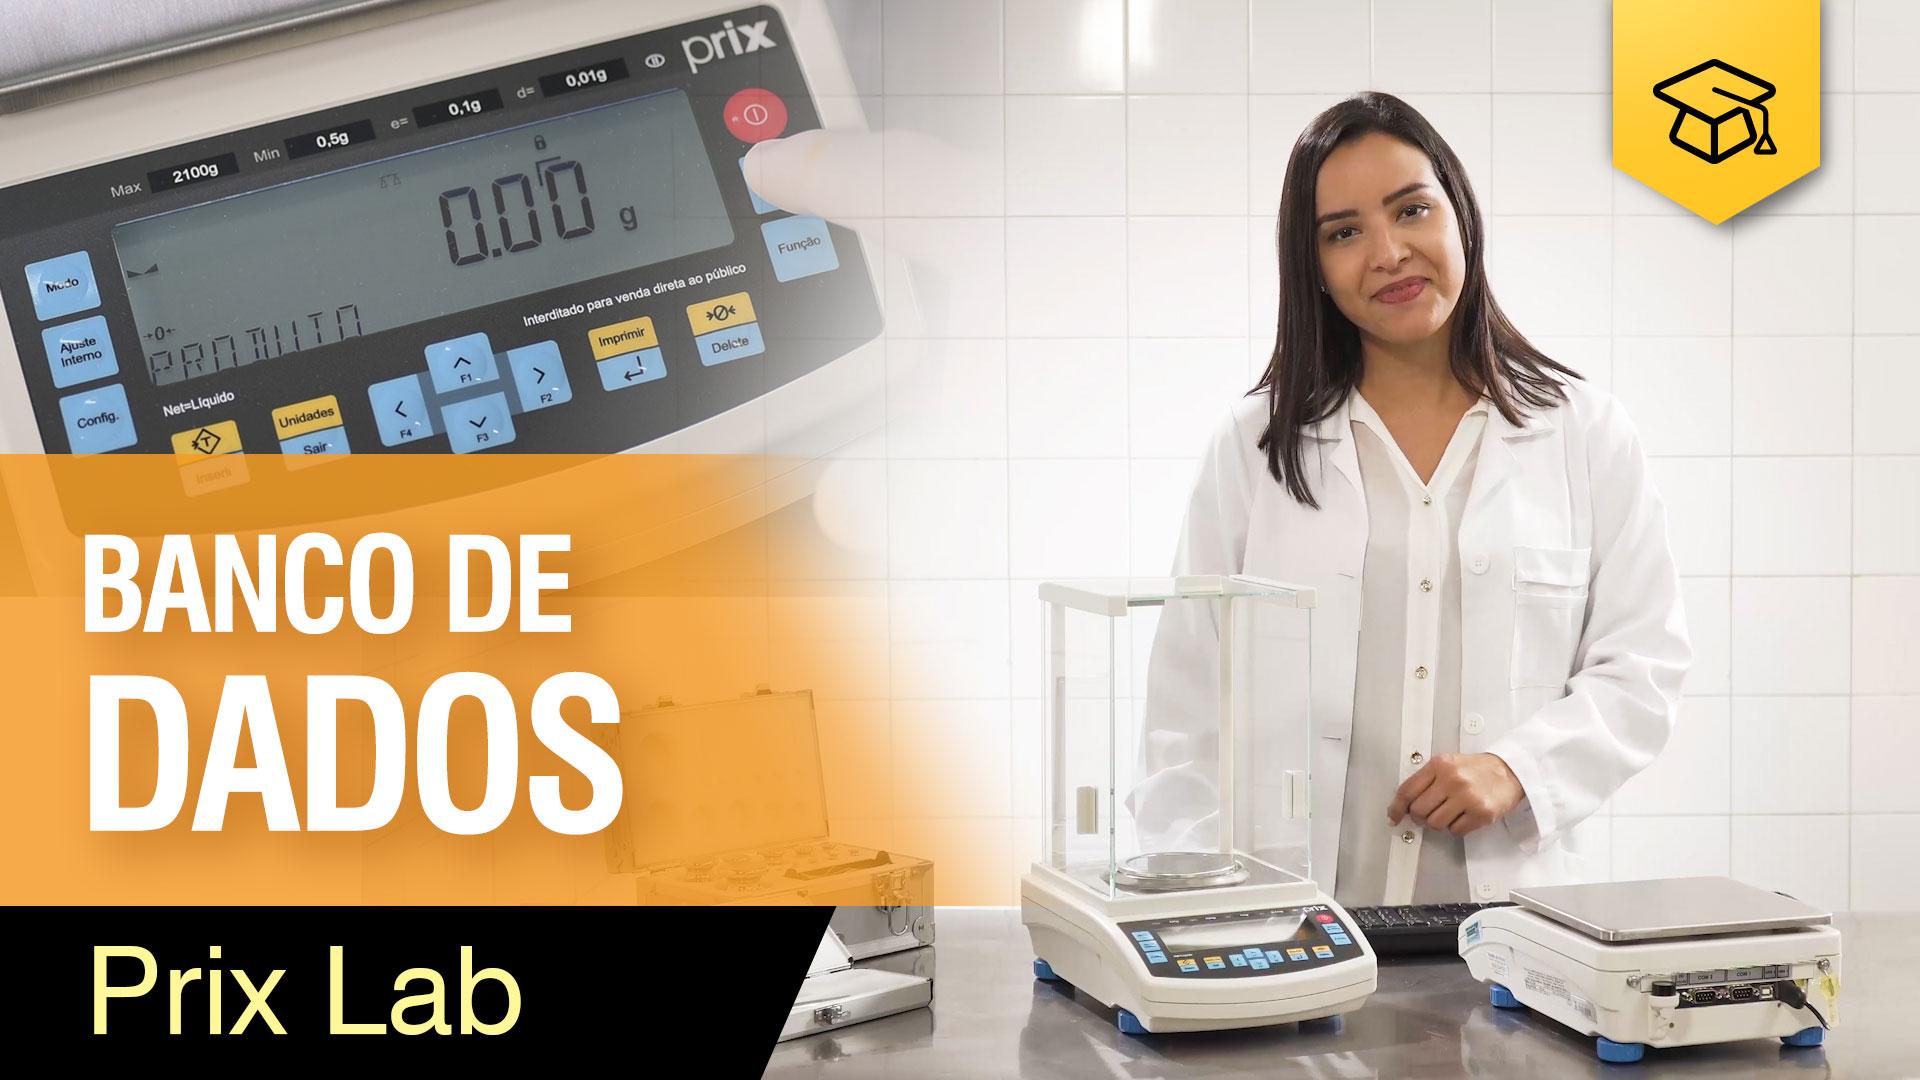 Banco de Dados - Prix Lab